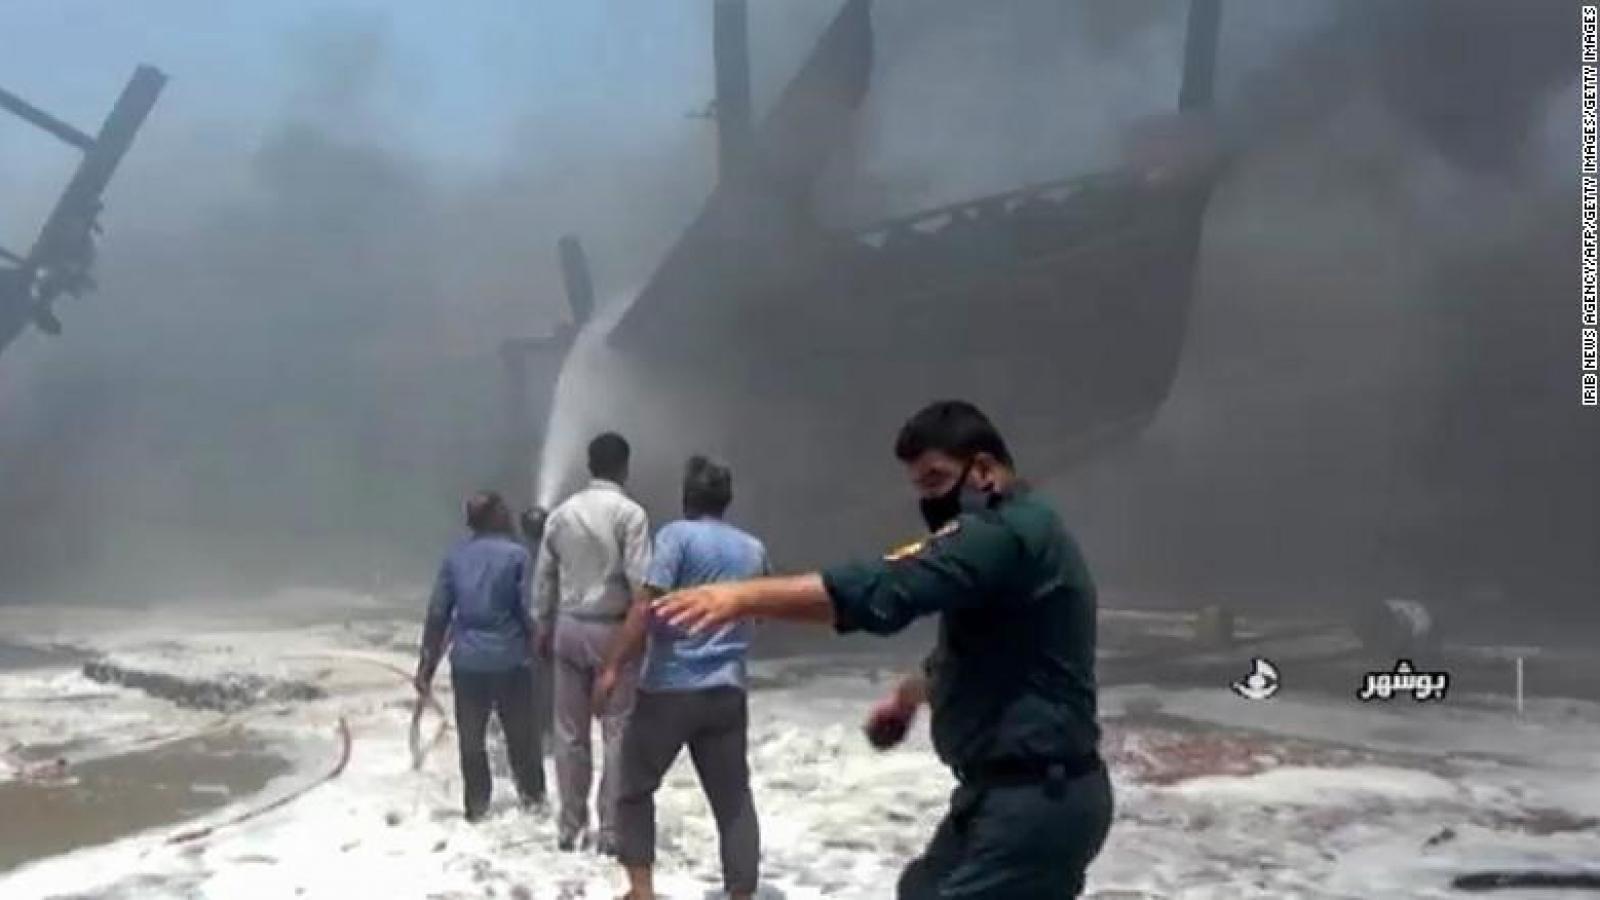 Video: Hàng loạt tàu Iran bốc cháy dữ dội, sự cố bất thường tiếp diễn